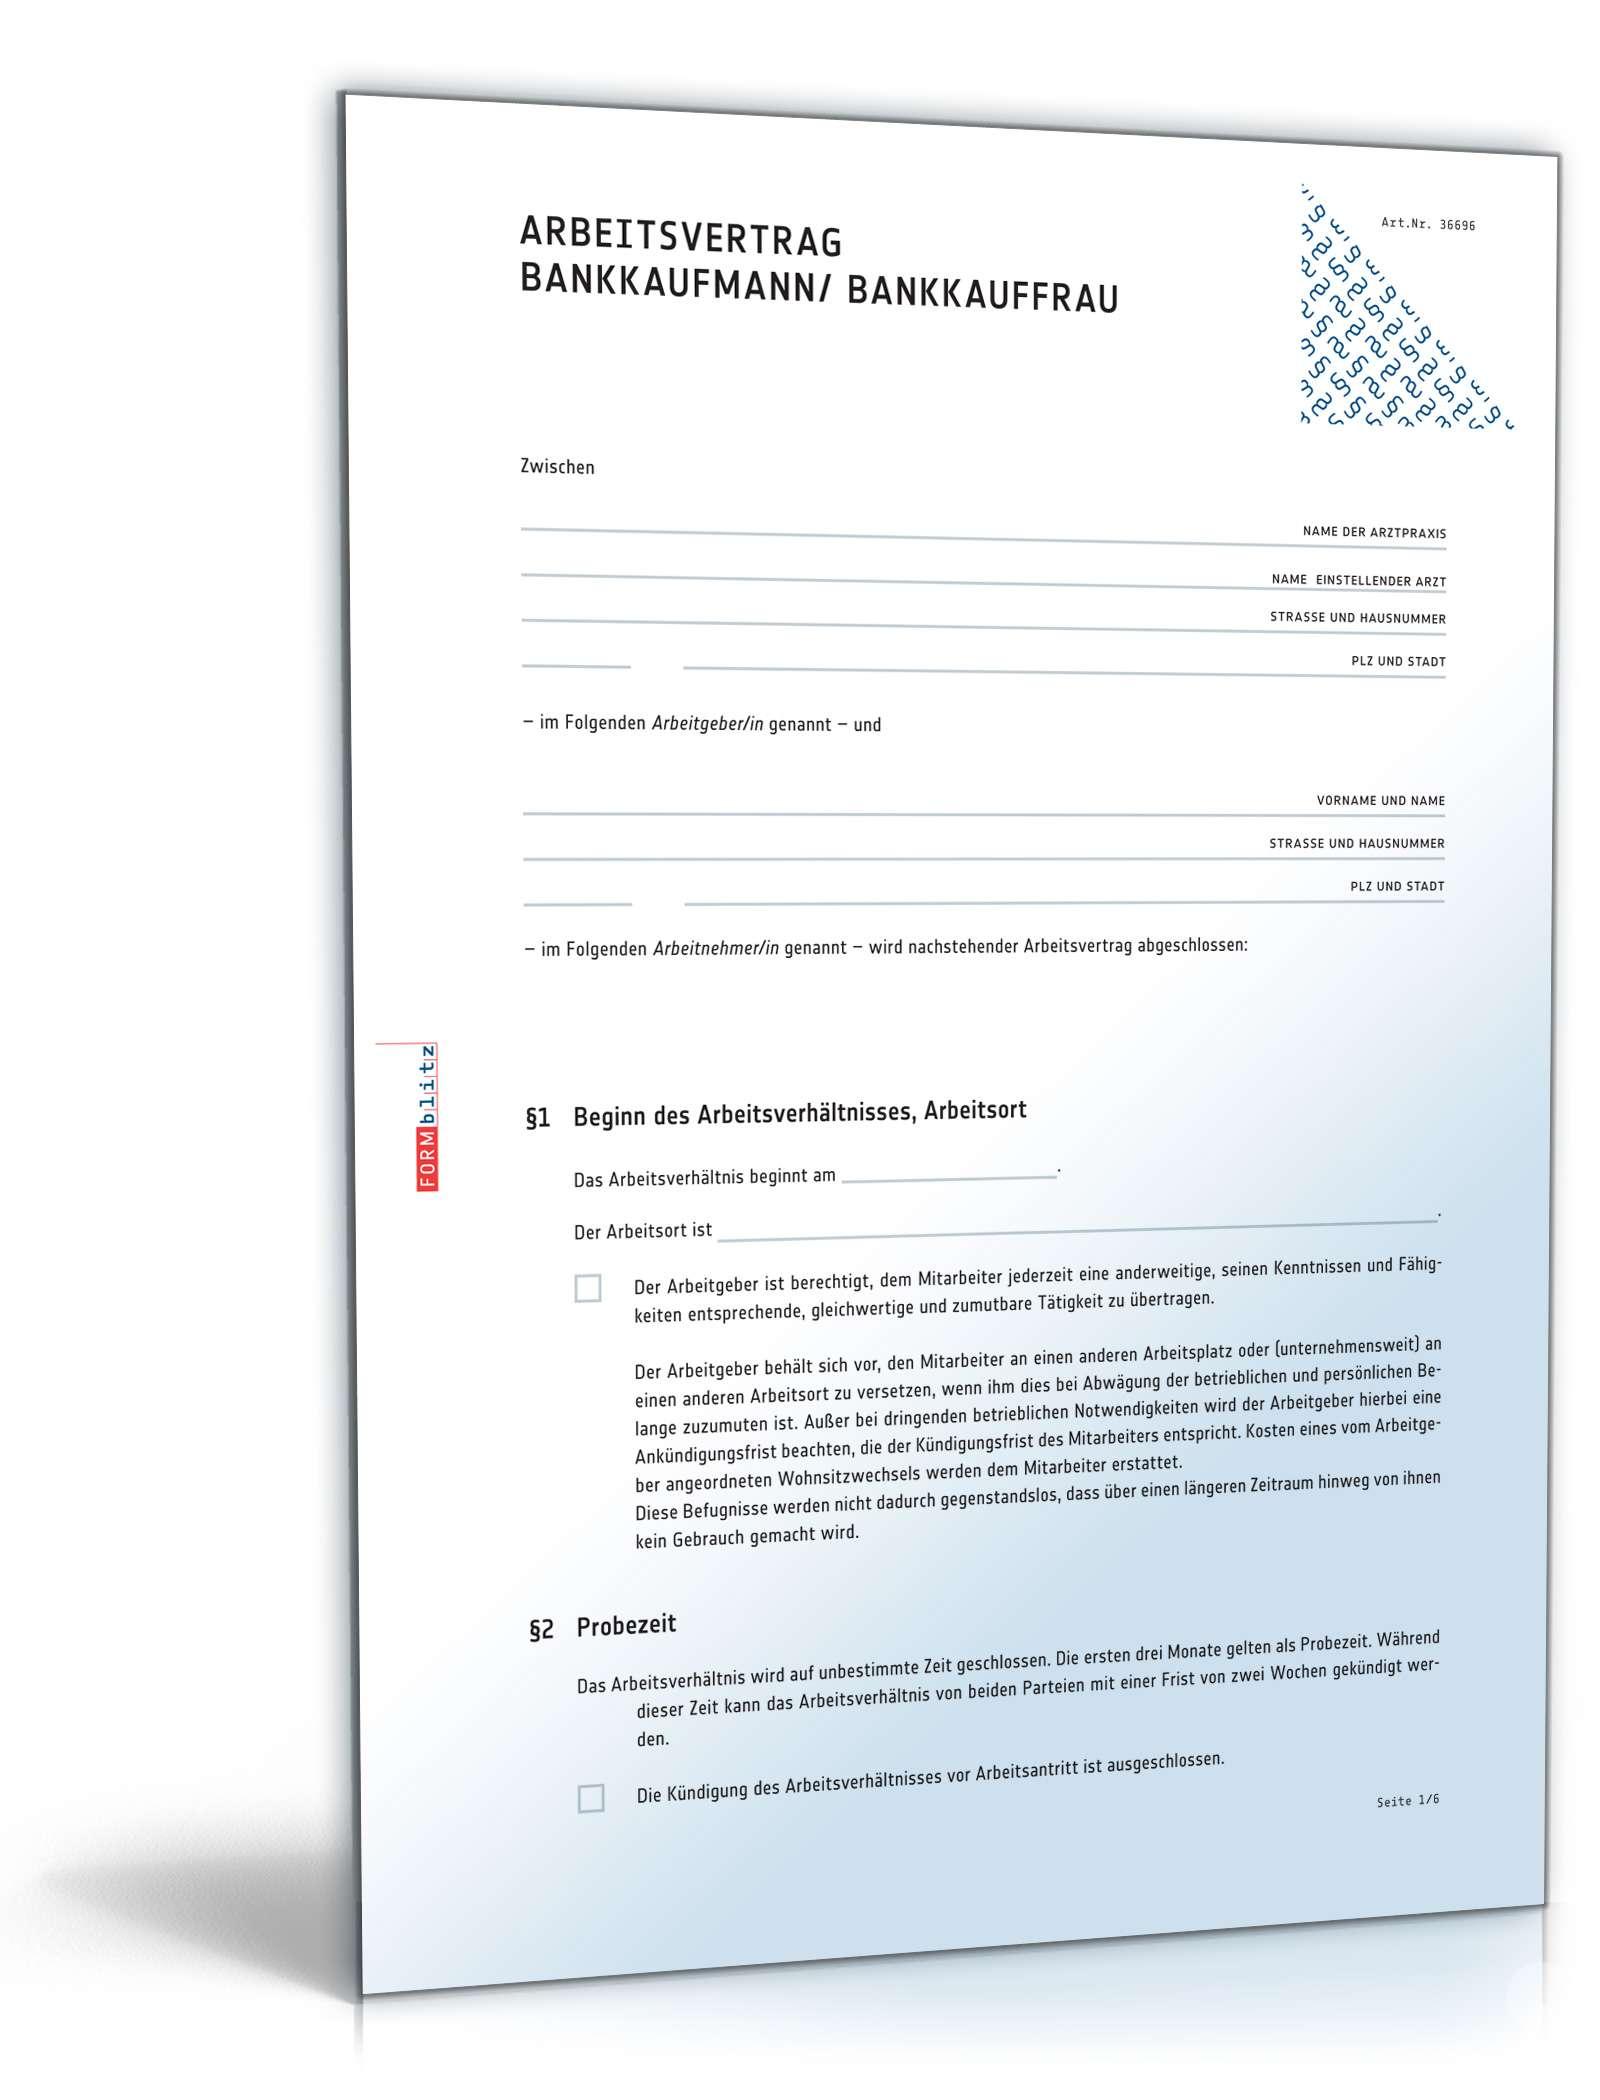 Arbeitsvertrag Bankkaufmann Muster Zum Download